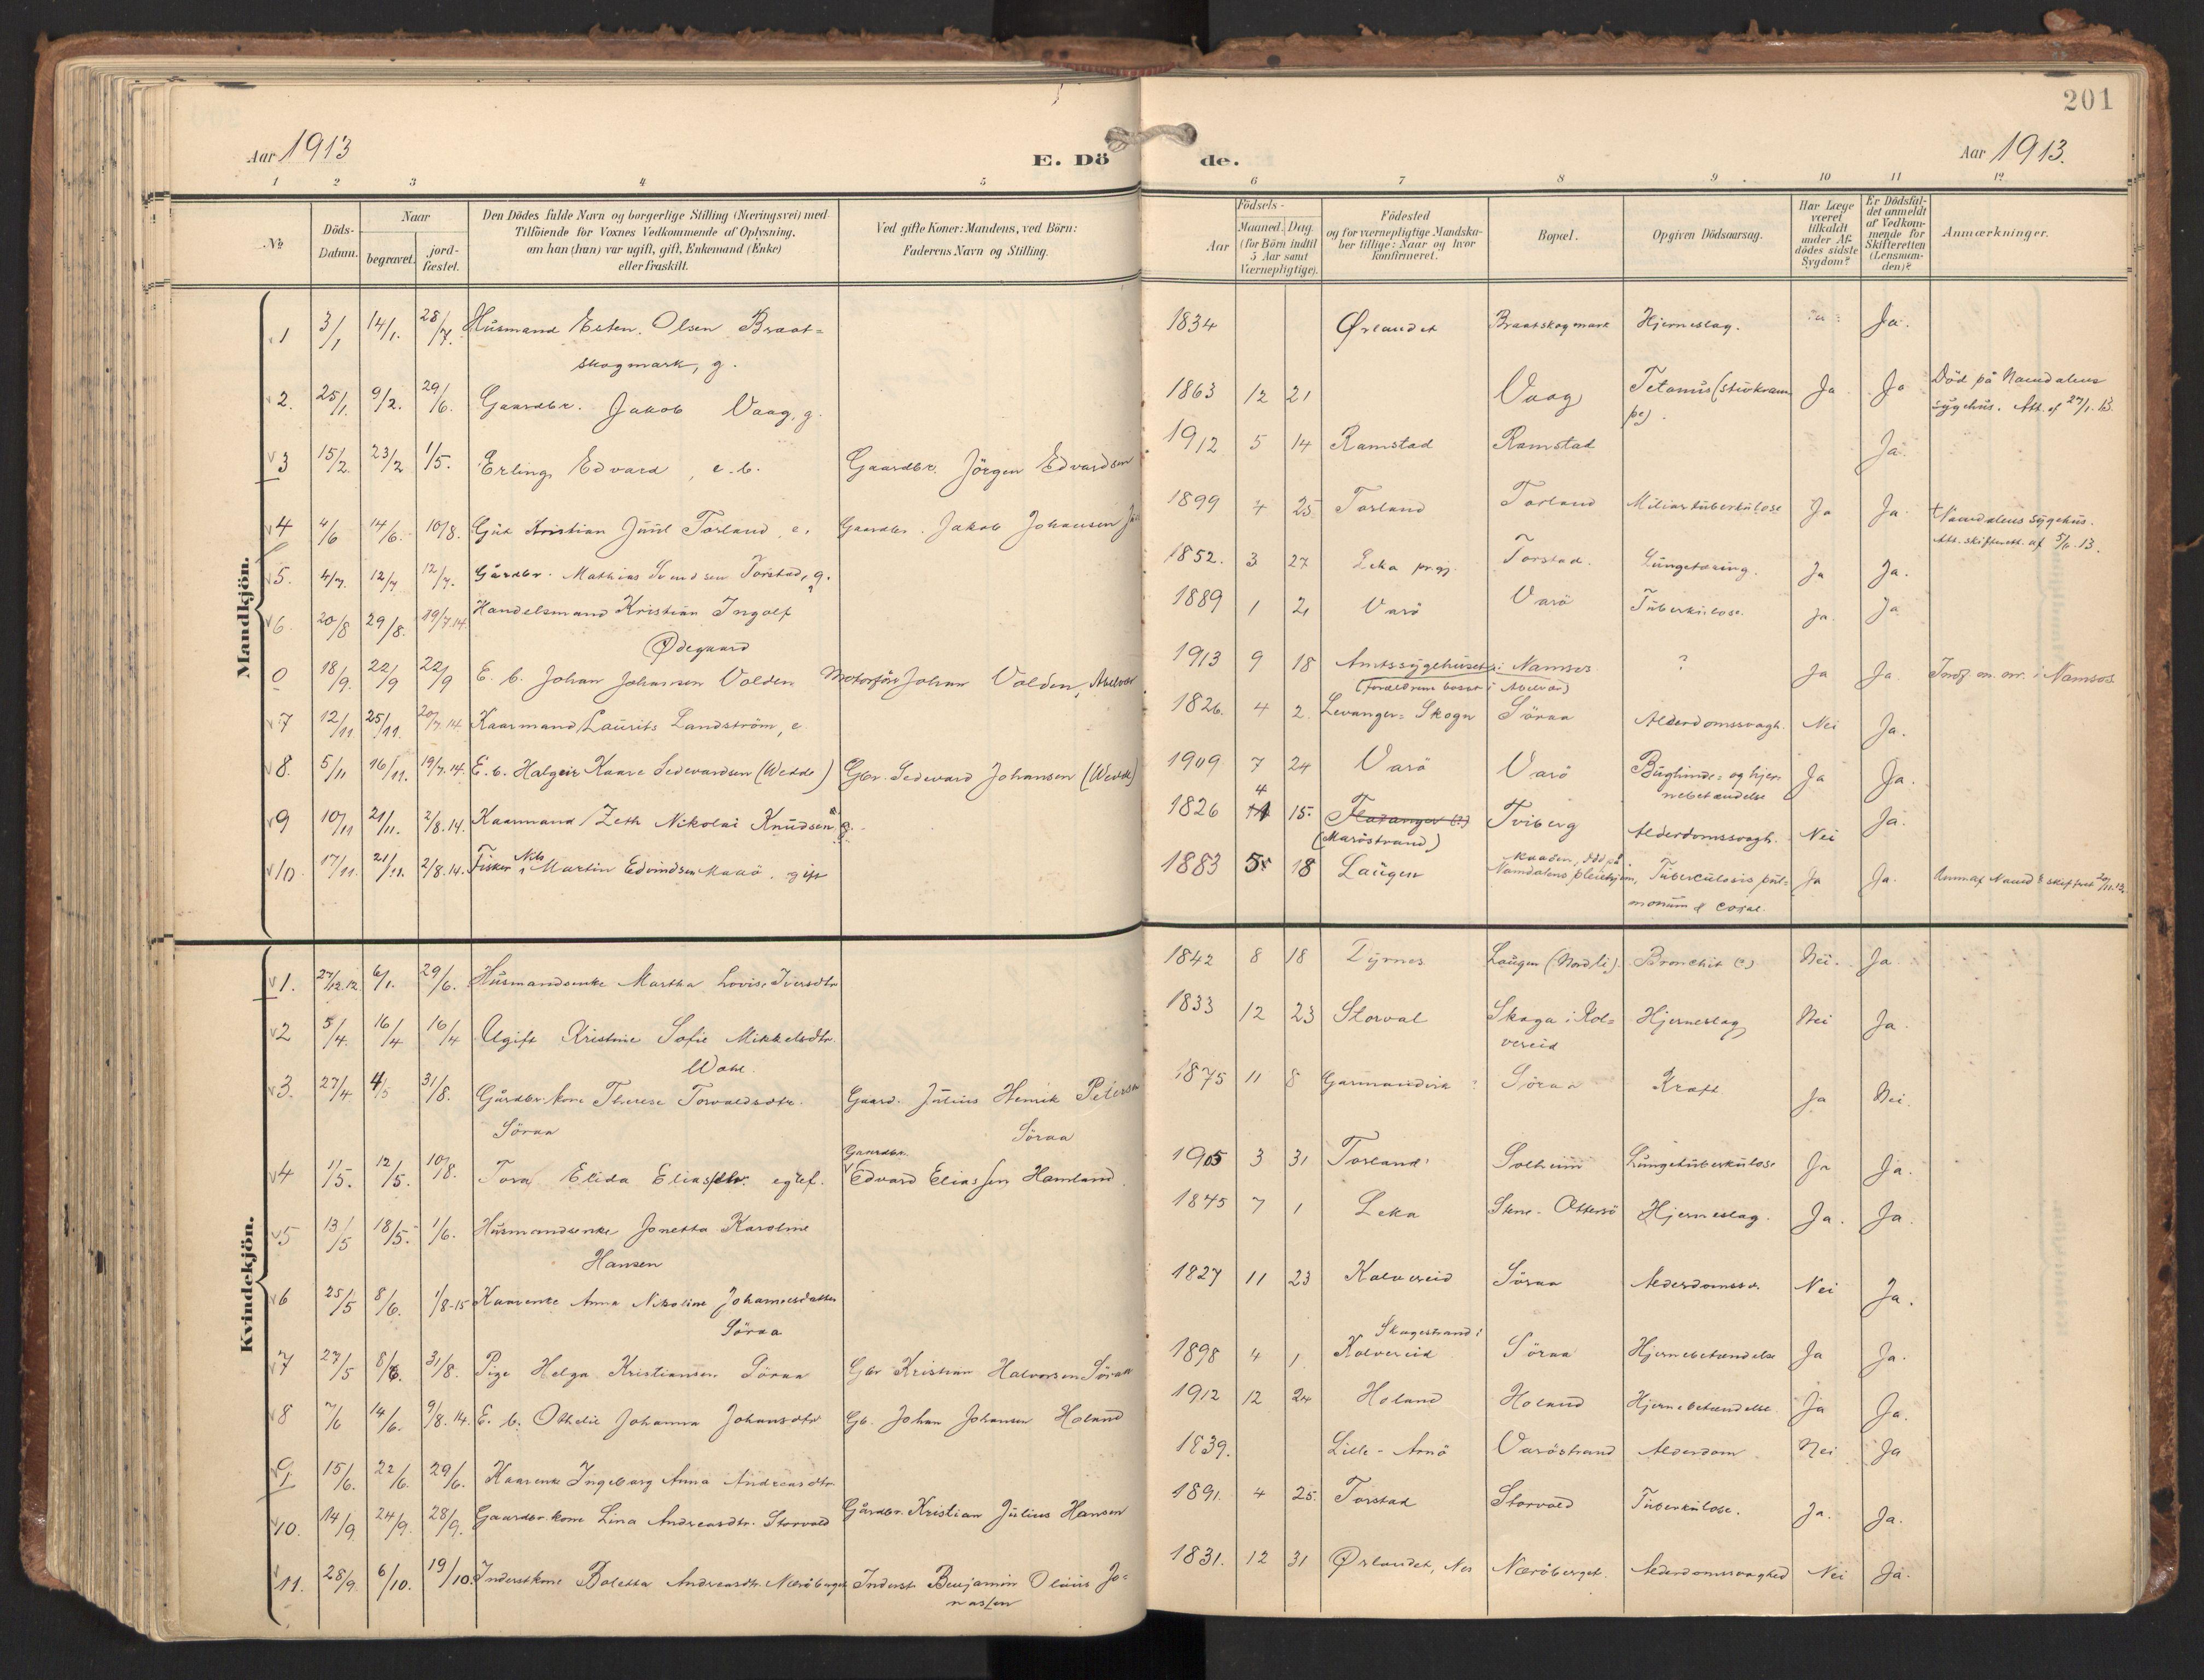 SAT, Ministerialprotokoller, klokkerbøker og fødselsregistre - Nord-Trøndelag, 784/L0677: Ministerialbok nr. 784A12, 1900-1920, s. 201